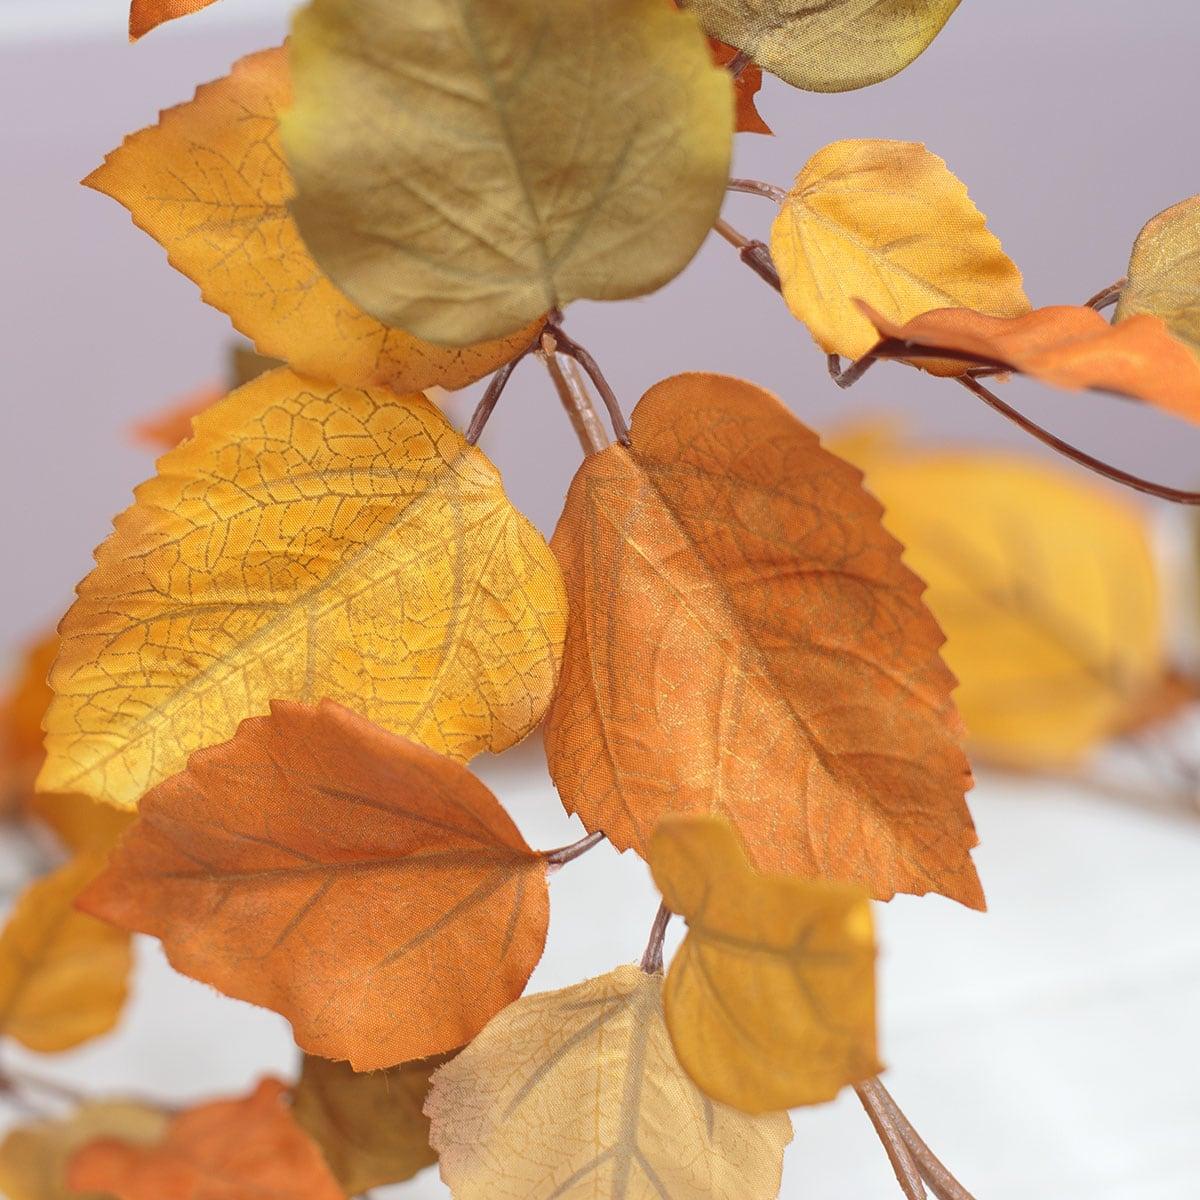 가을 아스펜 포플러 잎 넝쿨 200cm, 실크플라워 조화 가랜드 - 아티플라자, 23,000원, 조화, 부쉬